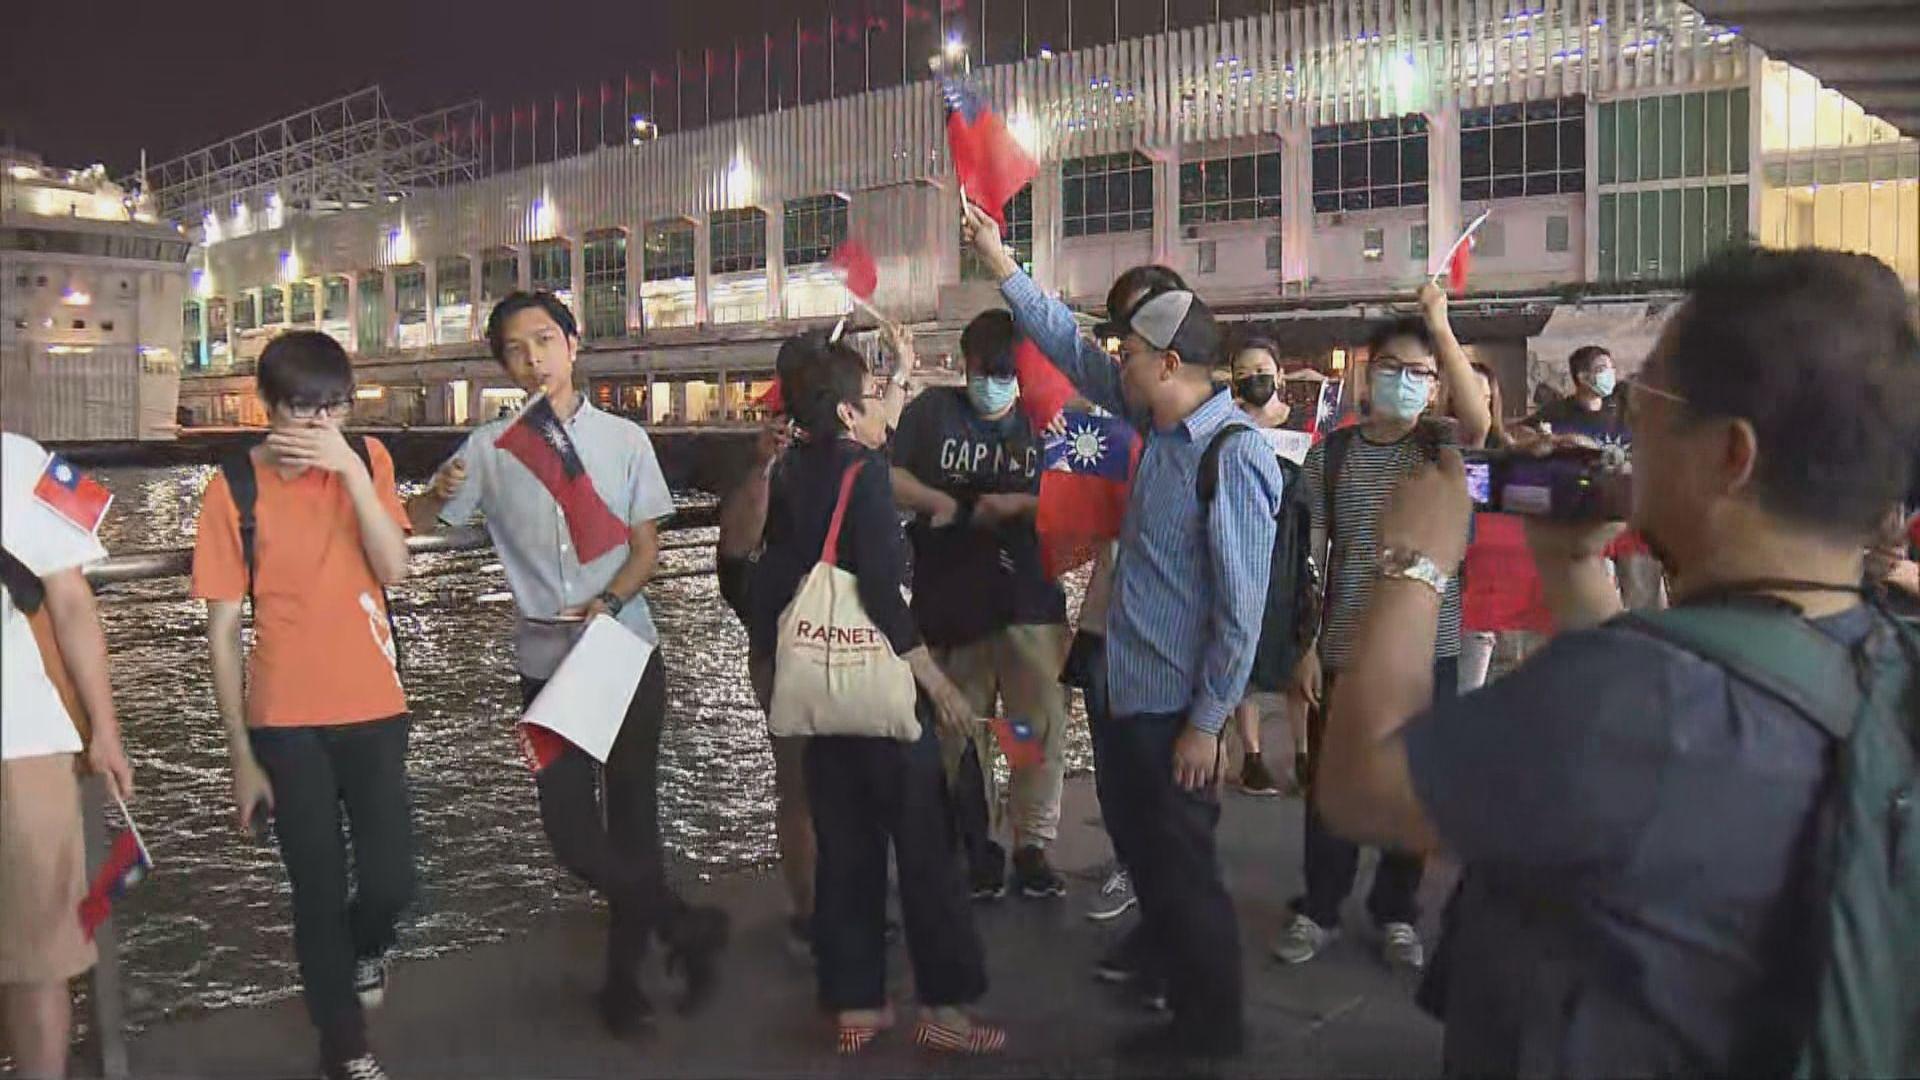 有市民到尖沙咀唱歌慶祝雙十節